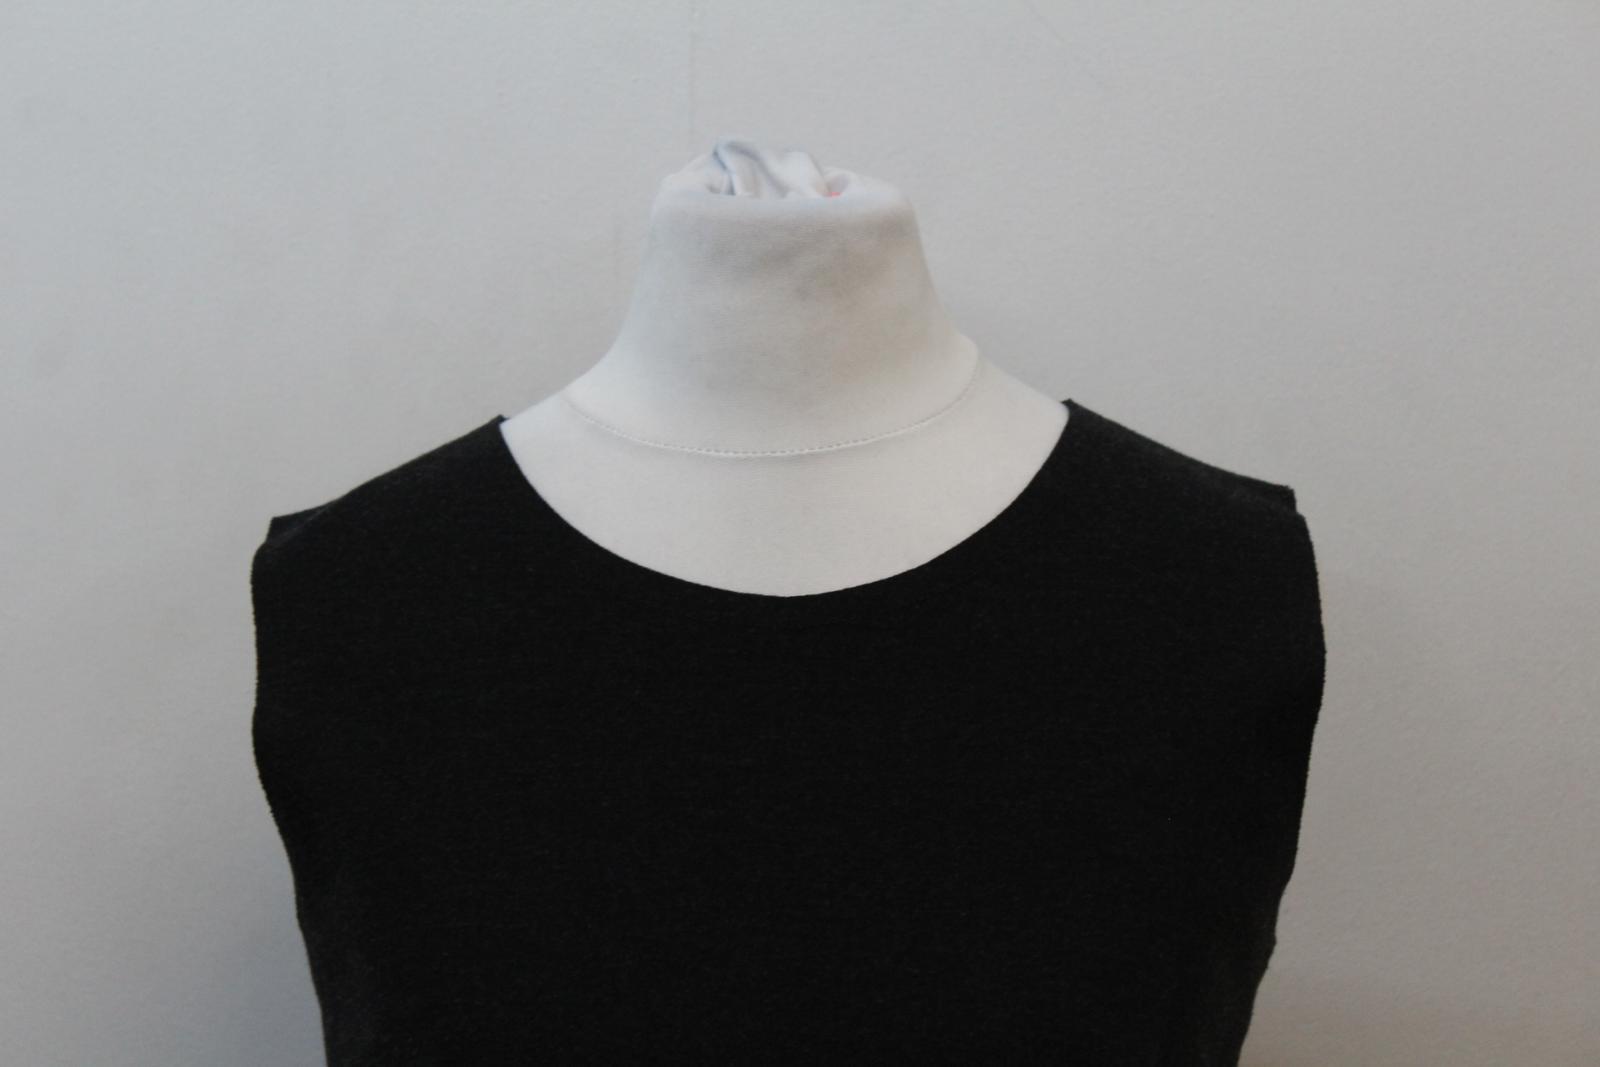 D. EXTERIOR Donna Grigio Antracite Antracite Antracite Senza Maniche Girocollo Vestito Arricciato IT42 UK10 1b01a5